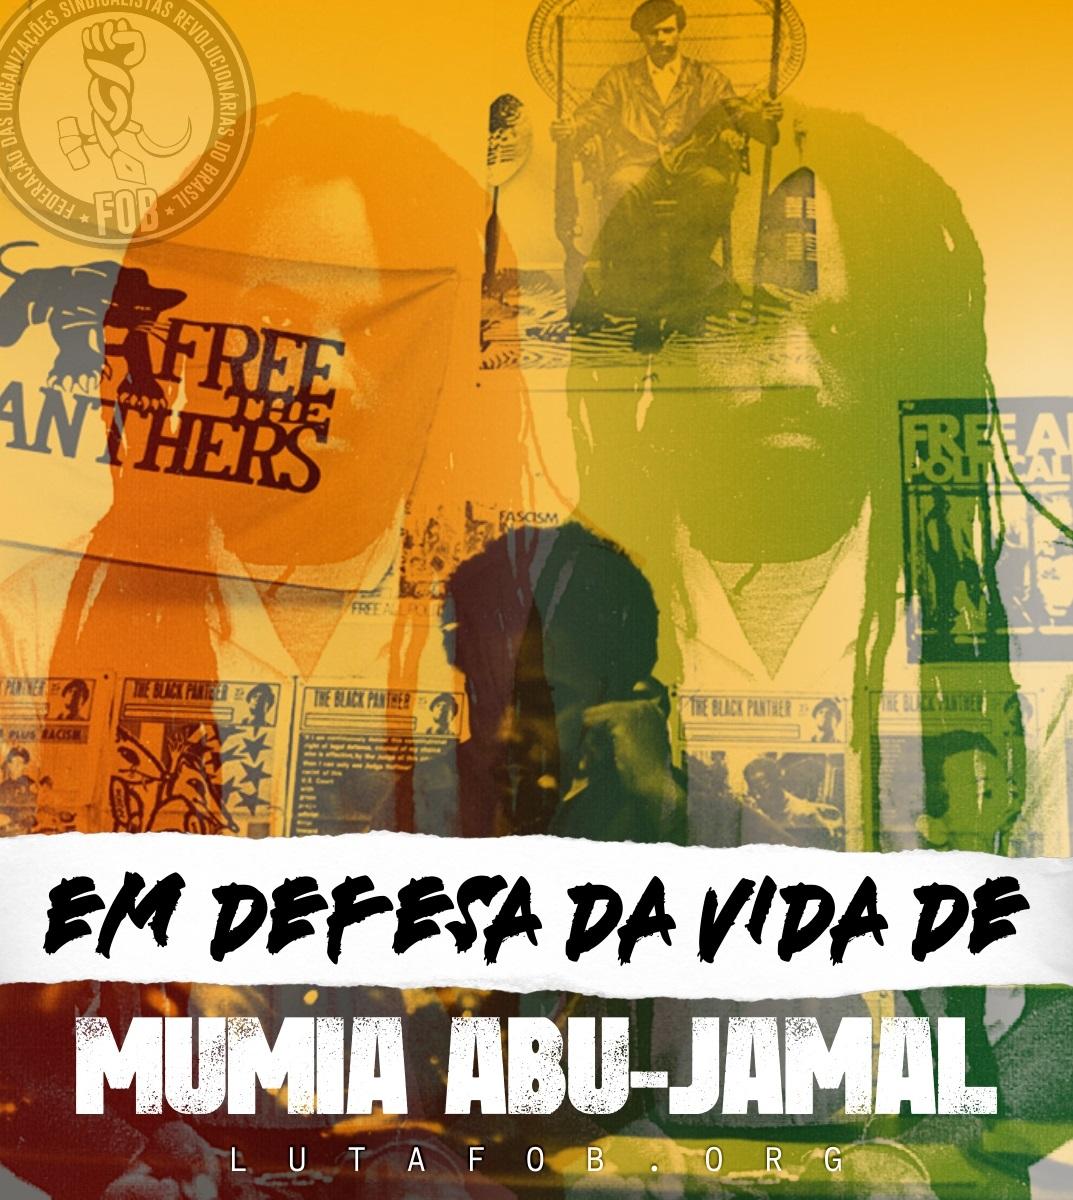 EUA | Solidariedade urgente em defesa da vida e liberdade Mumia Abu-Jamal